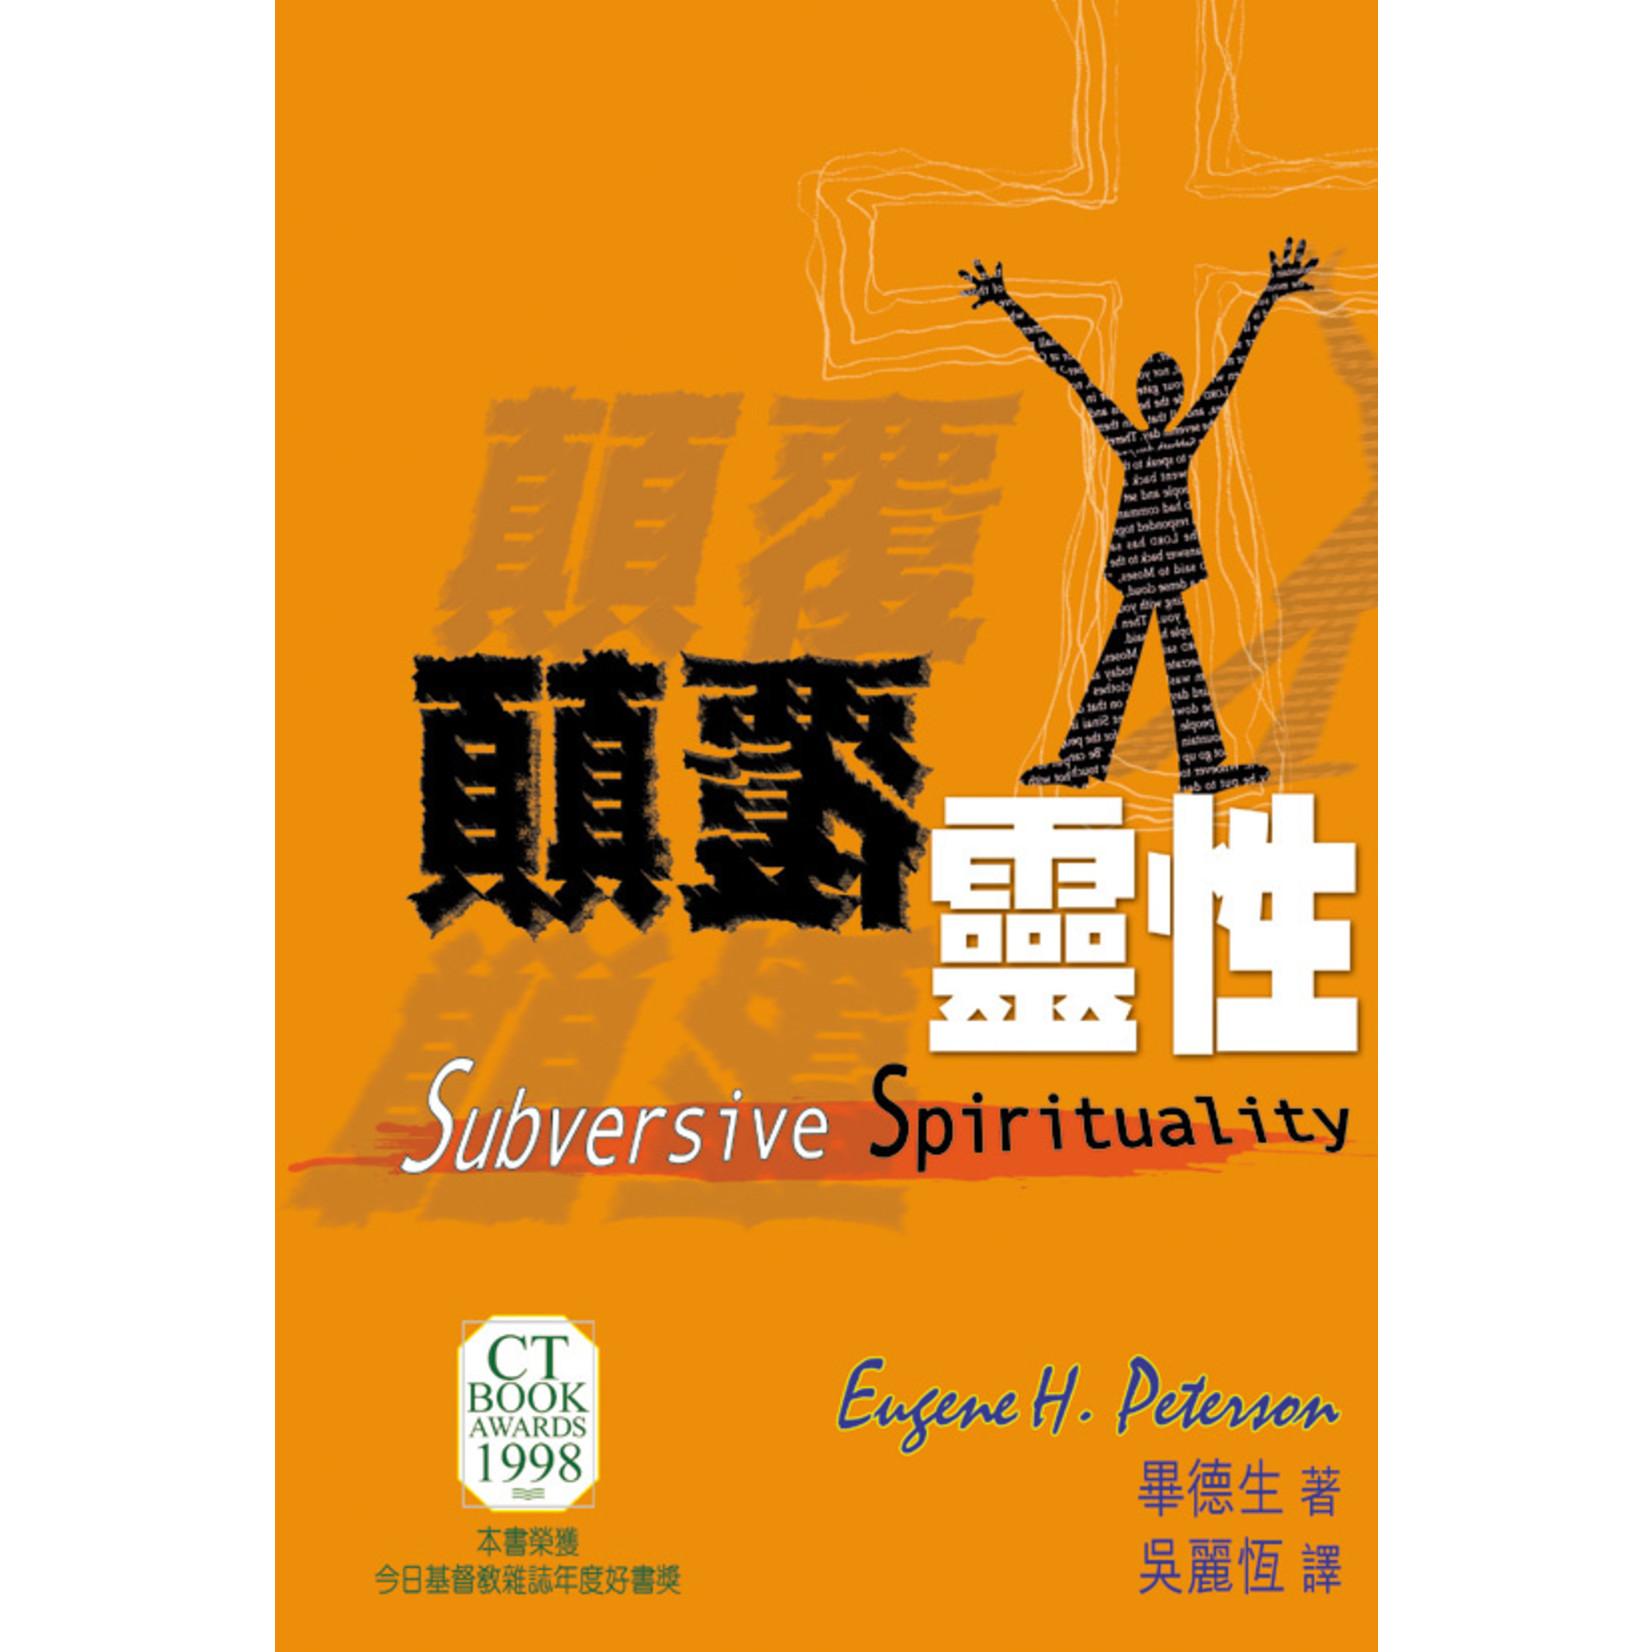 天道書樓 Tien Dao Publishing House 顛覆靈性 Subersive Spirituality